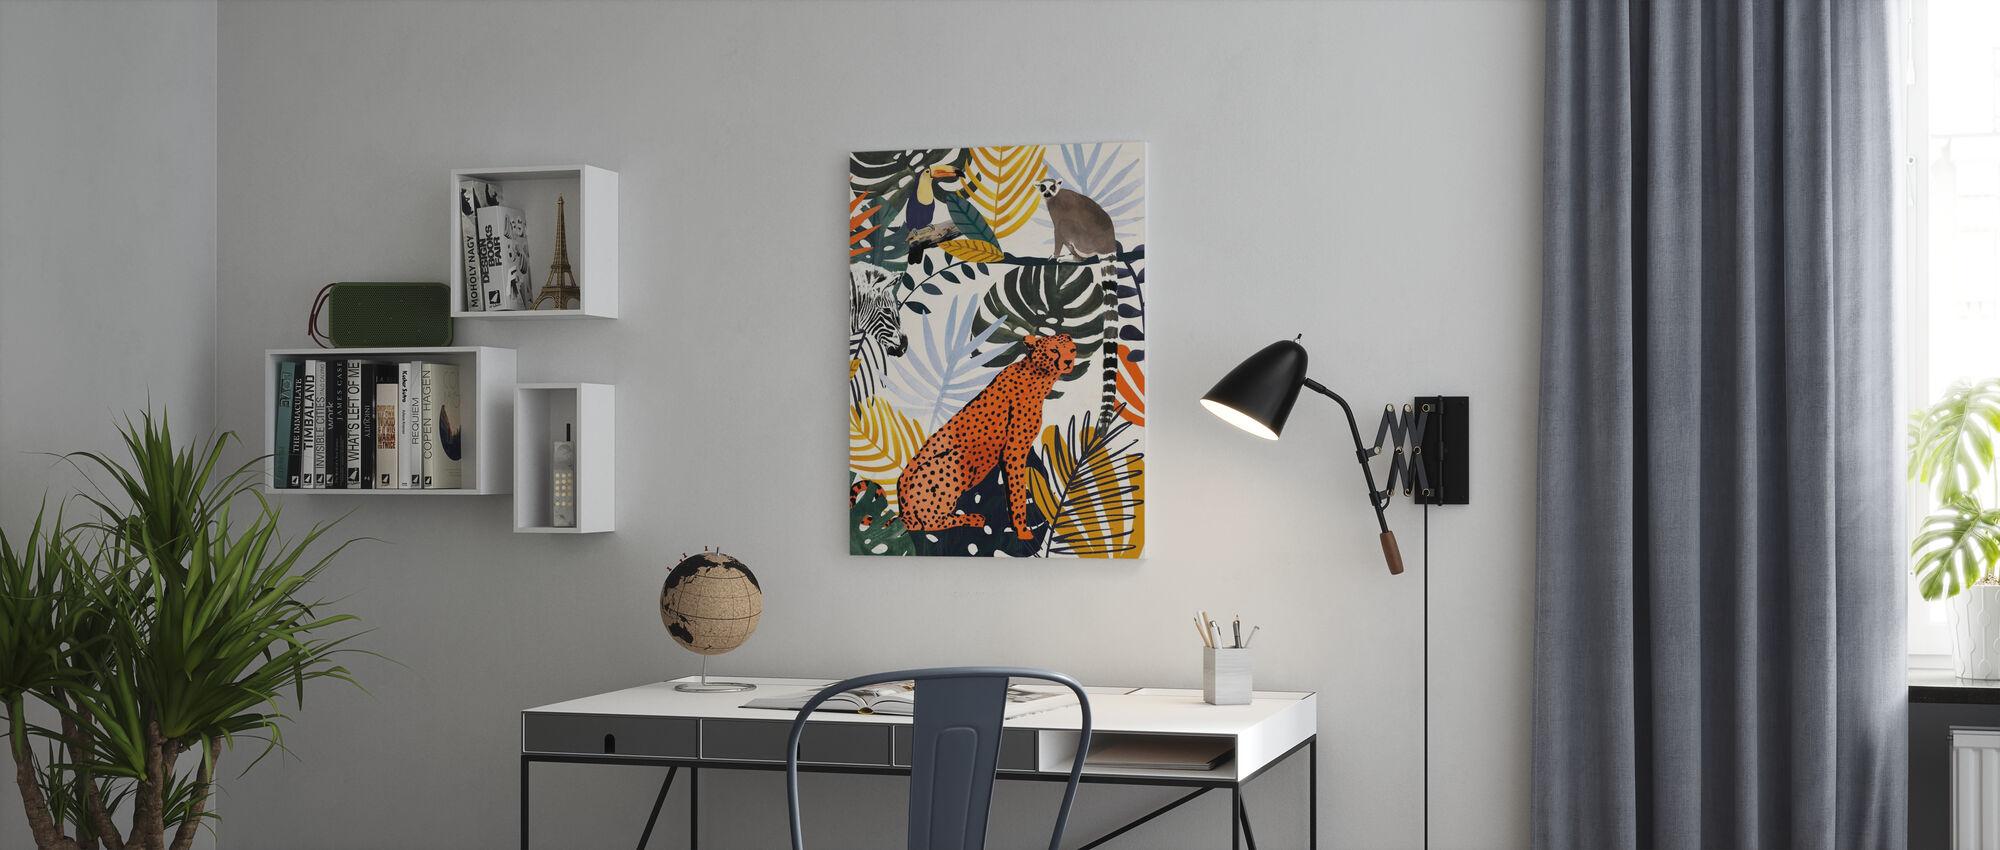 Dschungel Jumble - Leinwandbild - Büro